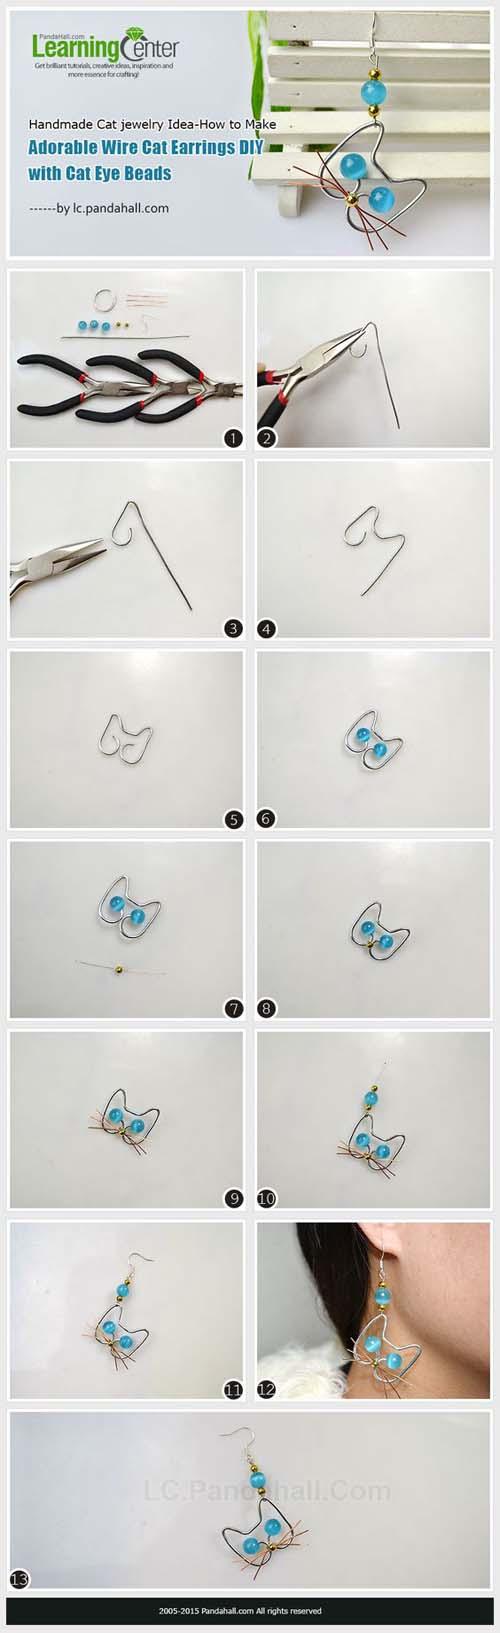 Υπέροχες ιδέες για να φτιάξετε τα δικά σας σκουλαρίκια (5)